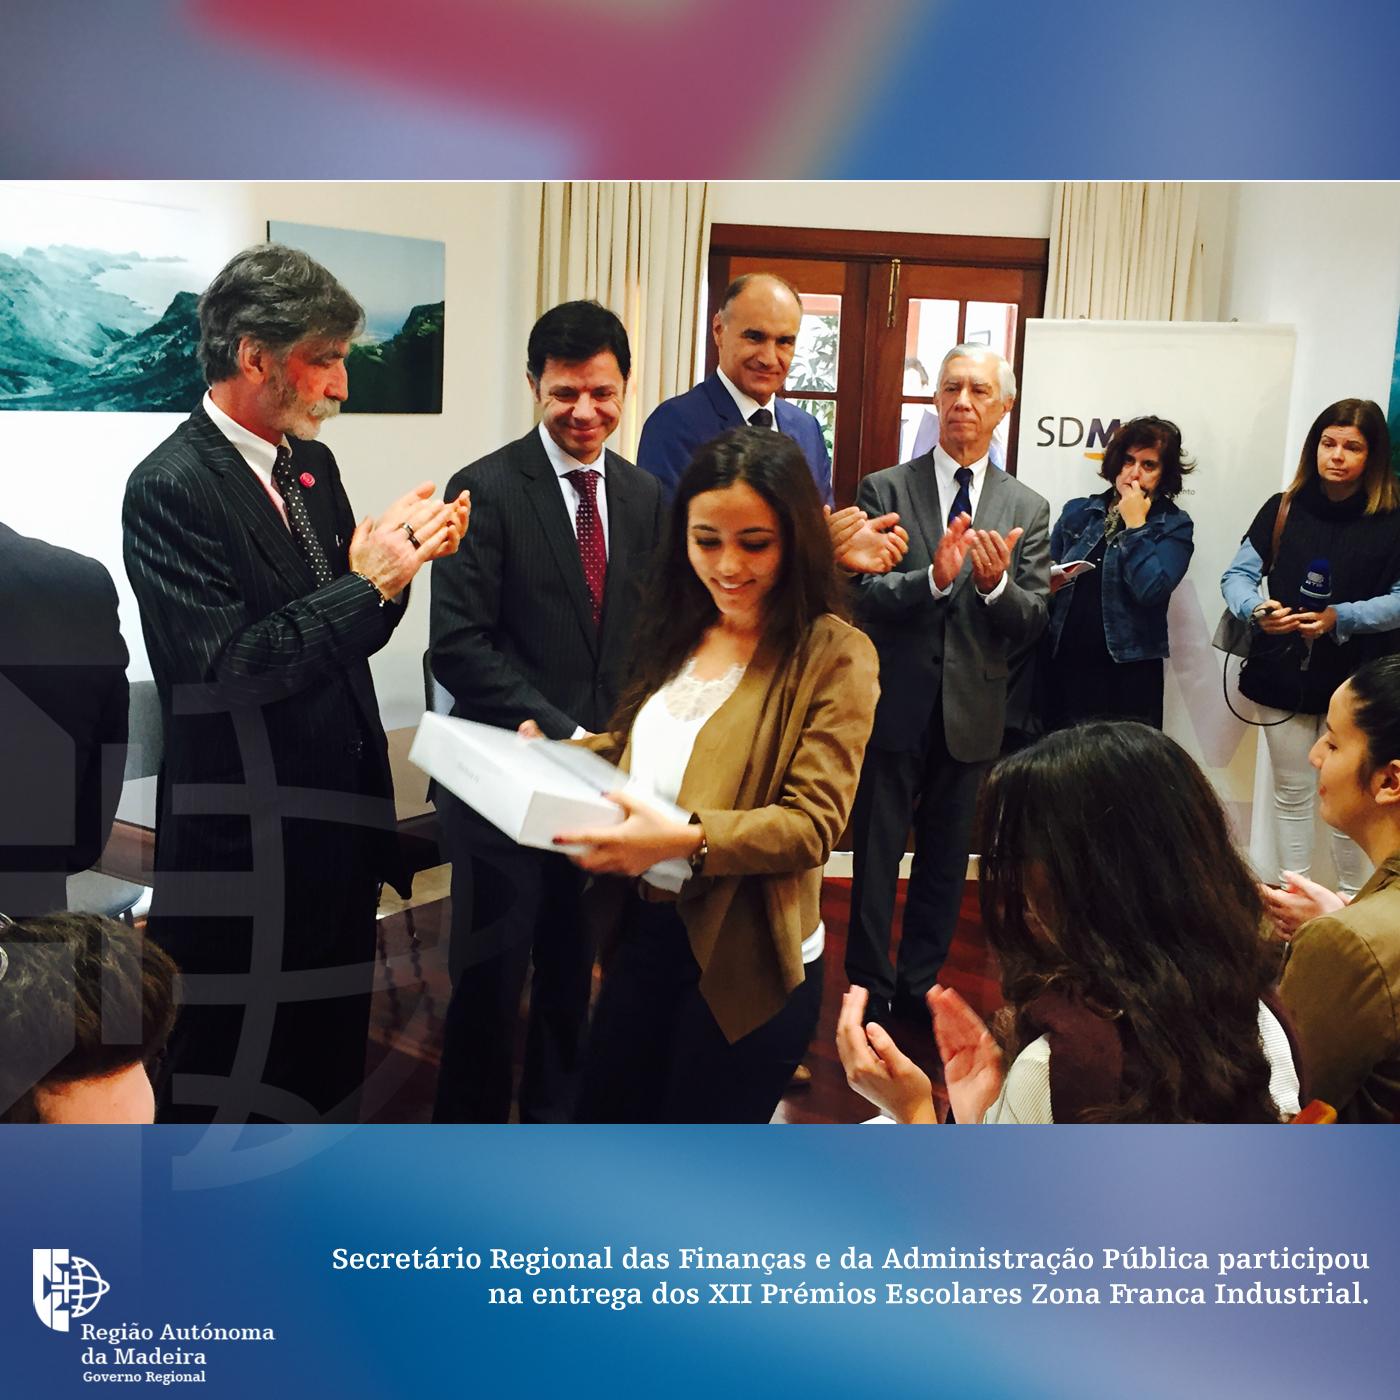 Secretário Regional das Finanças e da Administração Pública participou na entrega dos XII Prémios Escolares Zona Franca Industrial.